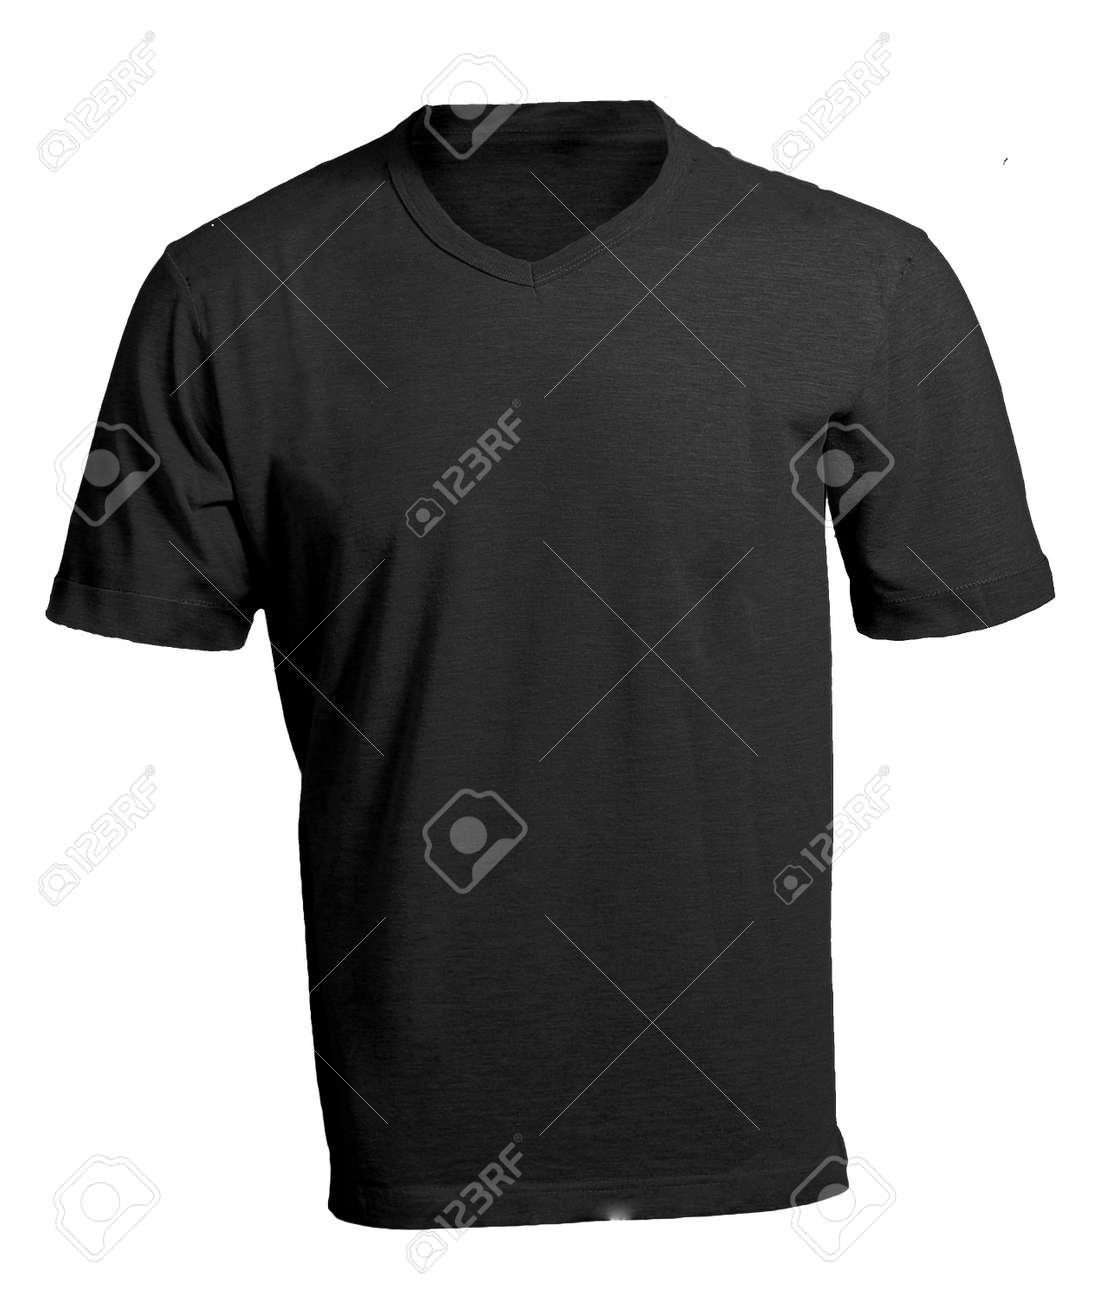 Men\'s Blank Black V-Neck Shirt, Front Design Template Stock Photo ...